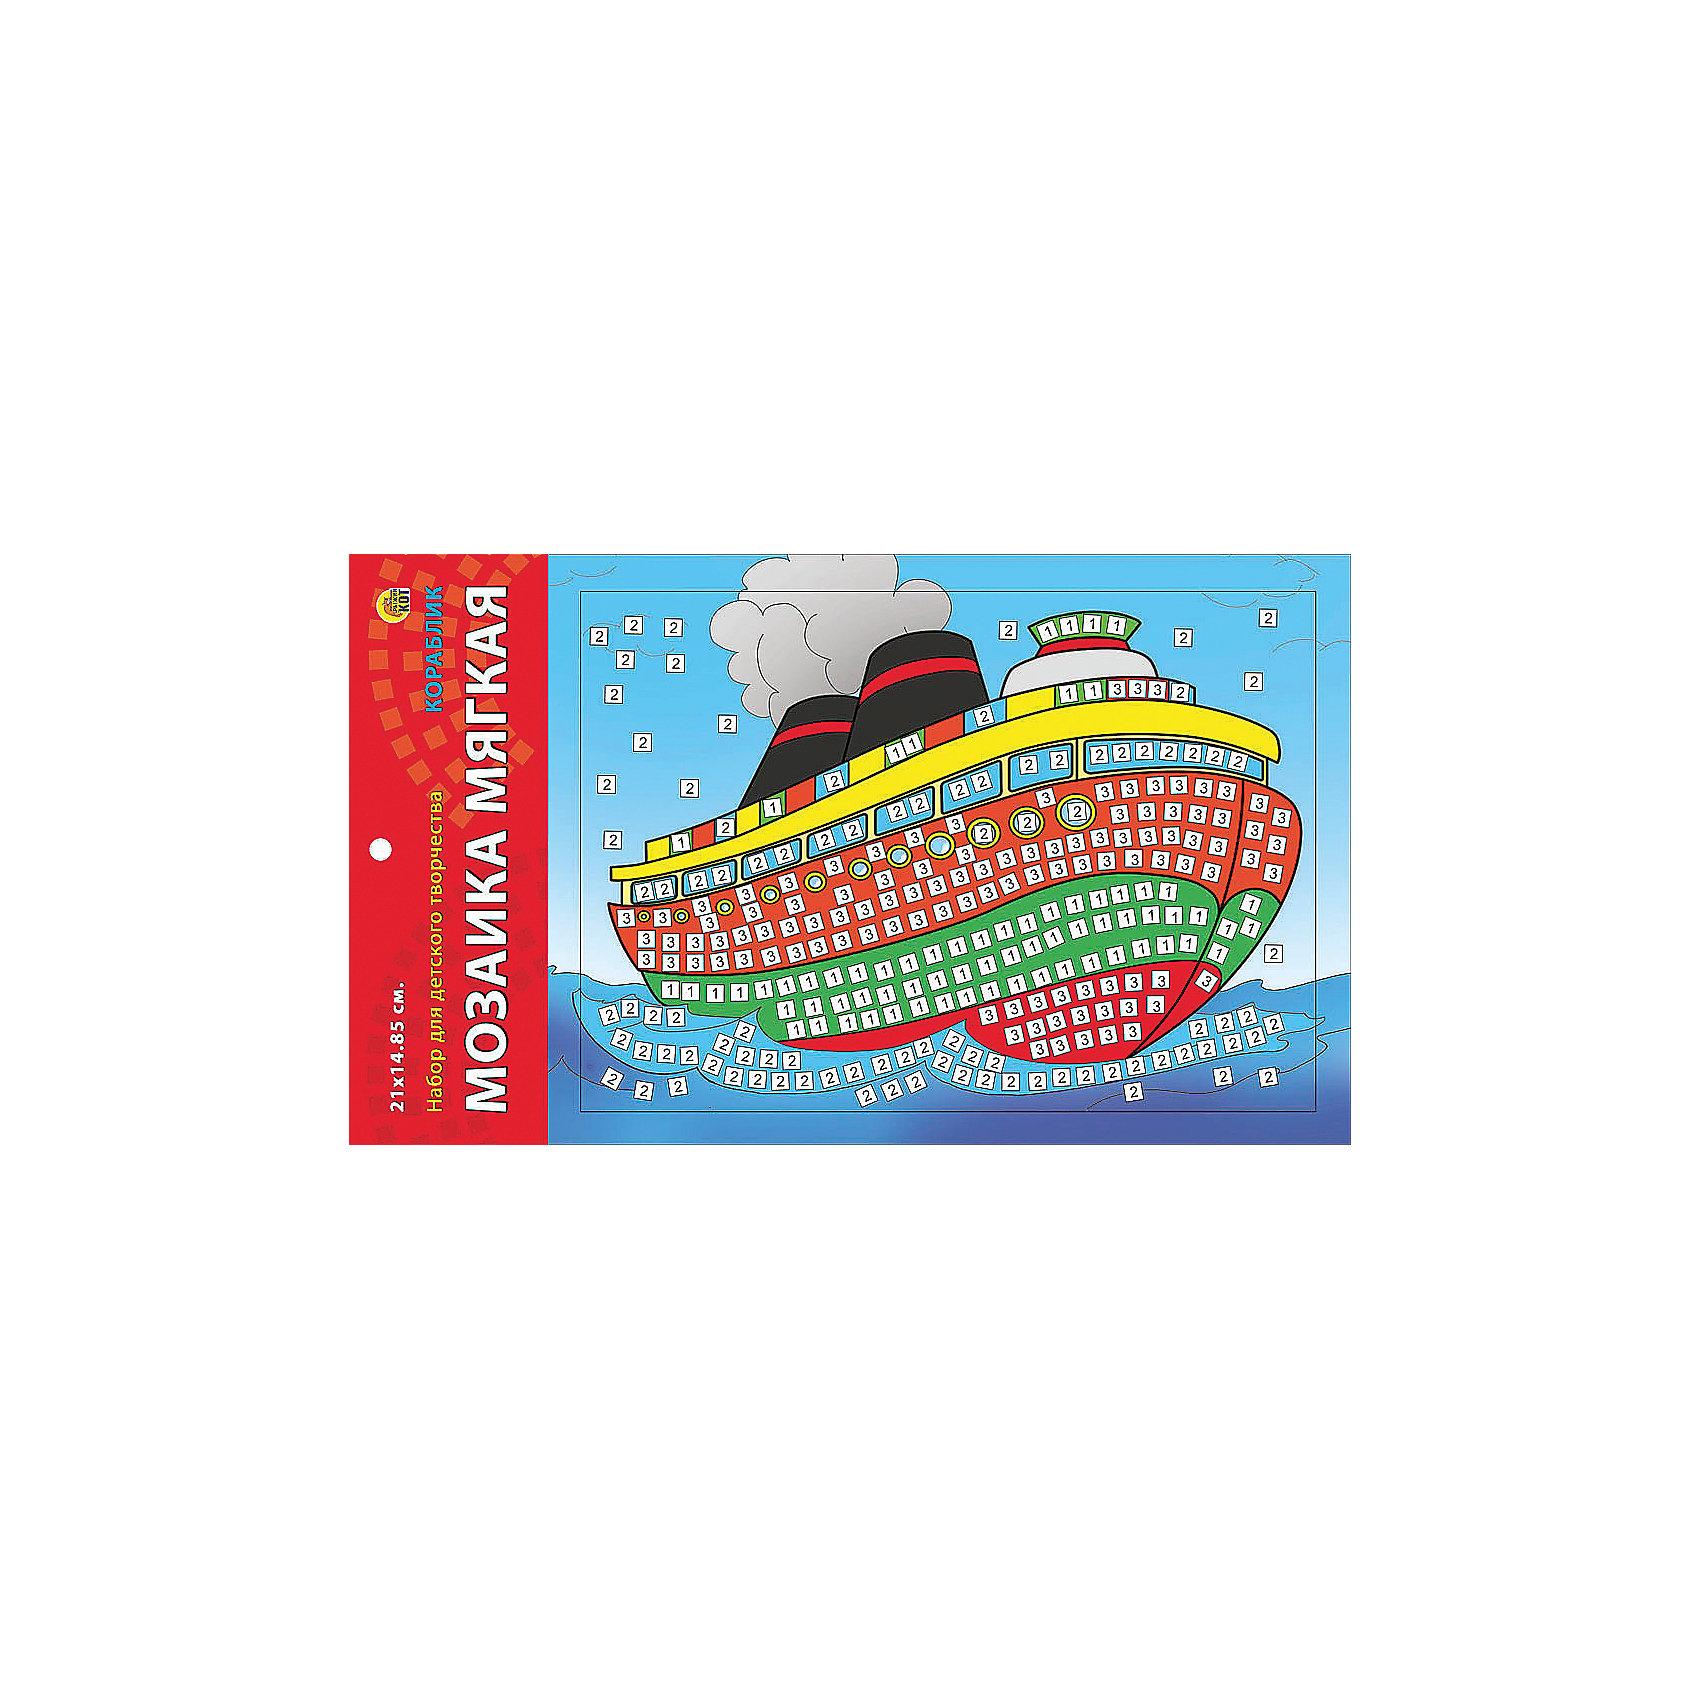 Издательство Рыжий кот Мягкая мозаика Кораблик формат А5 (21х15 см) издательство рыжий кот мягкая мозаика обезьянка формат а5 21х15 см